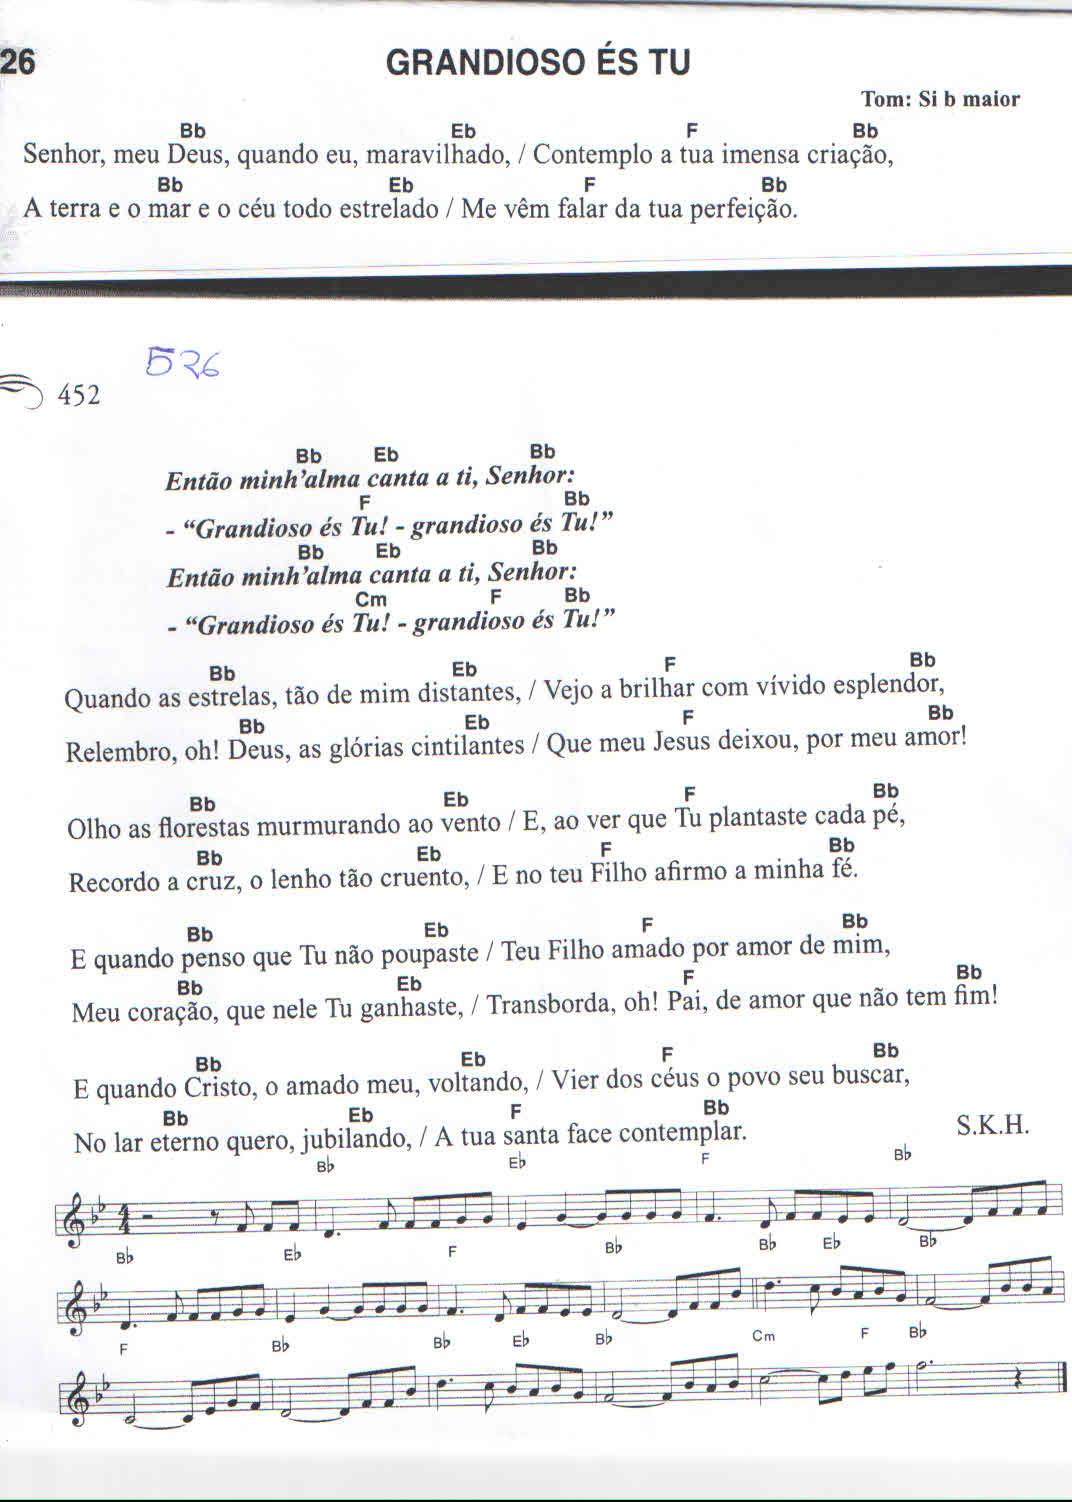 Cifrado cantor pdf cristao